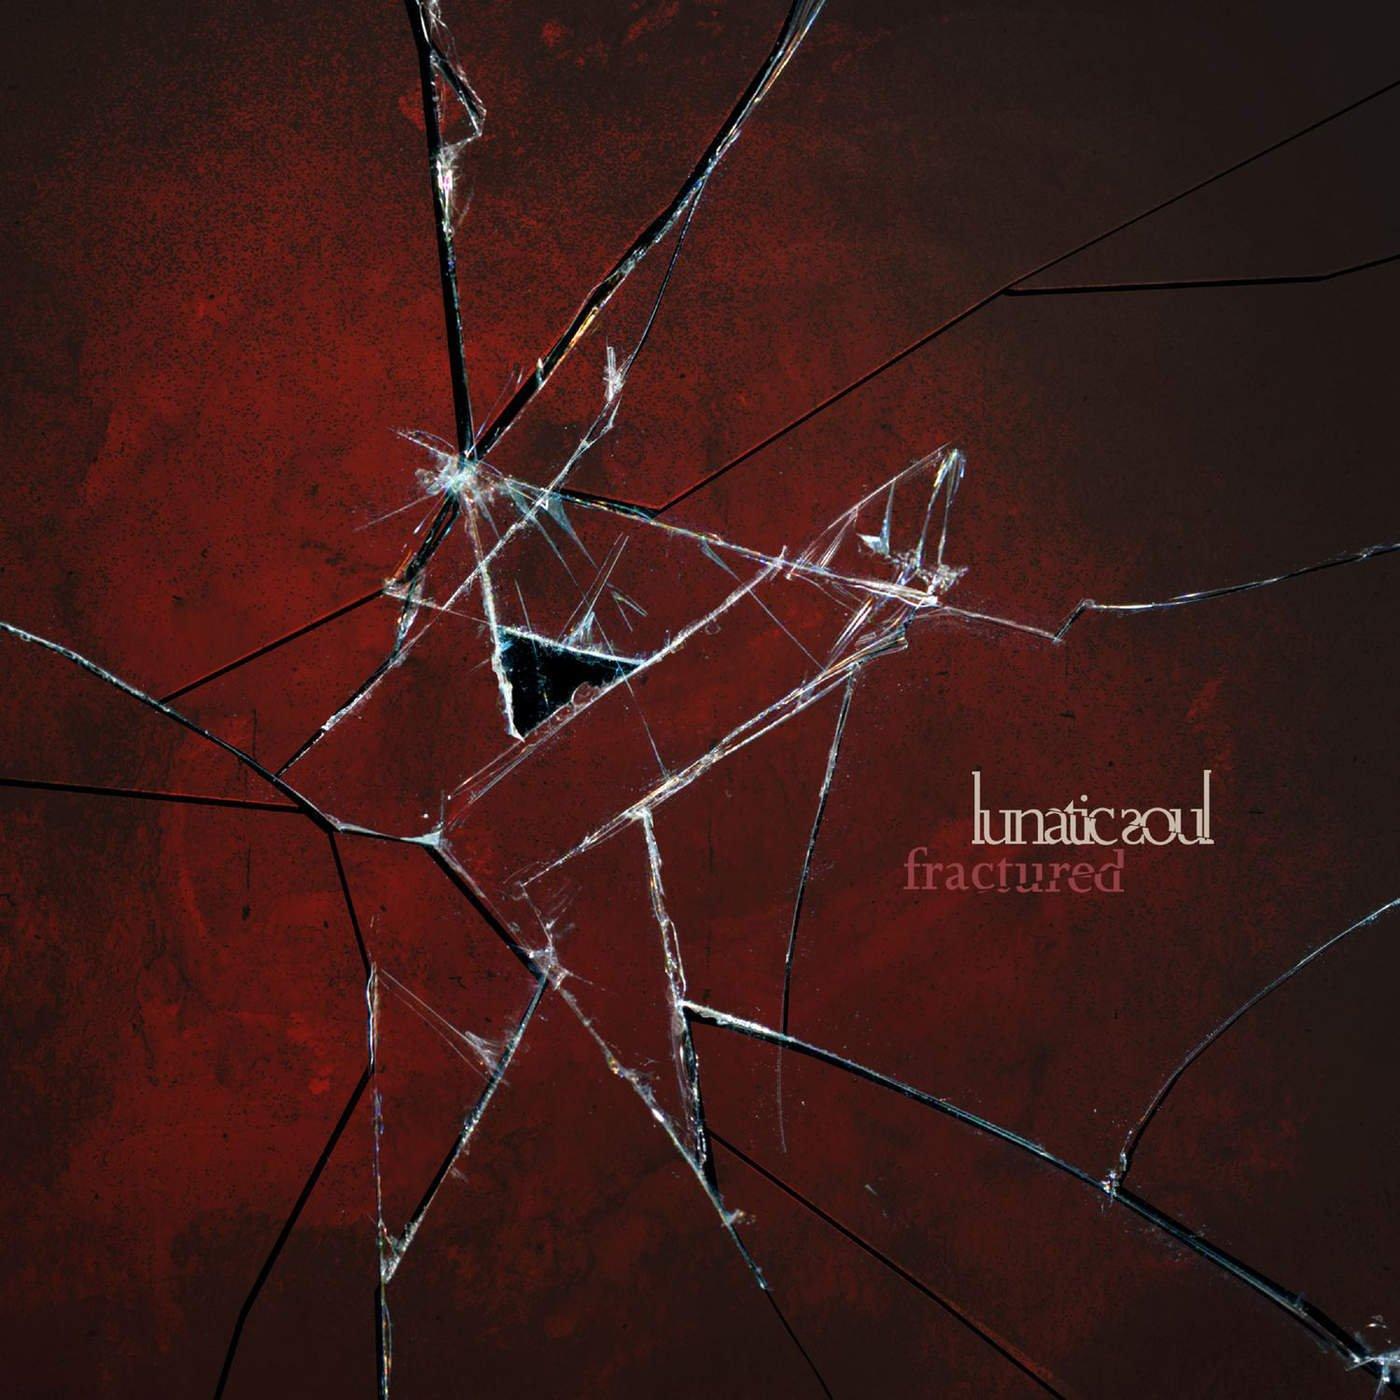 Лучшие музыкальные альбомы 2017 года — Lunatic Soul Fractured — Отвратительные мужики — Итоги года